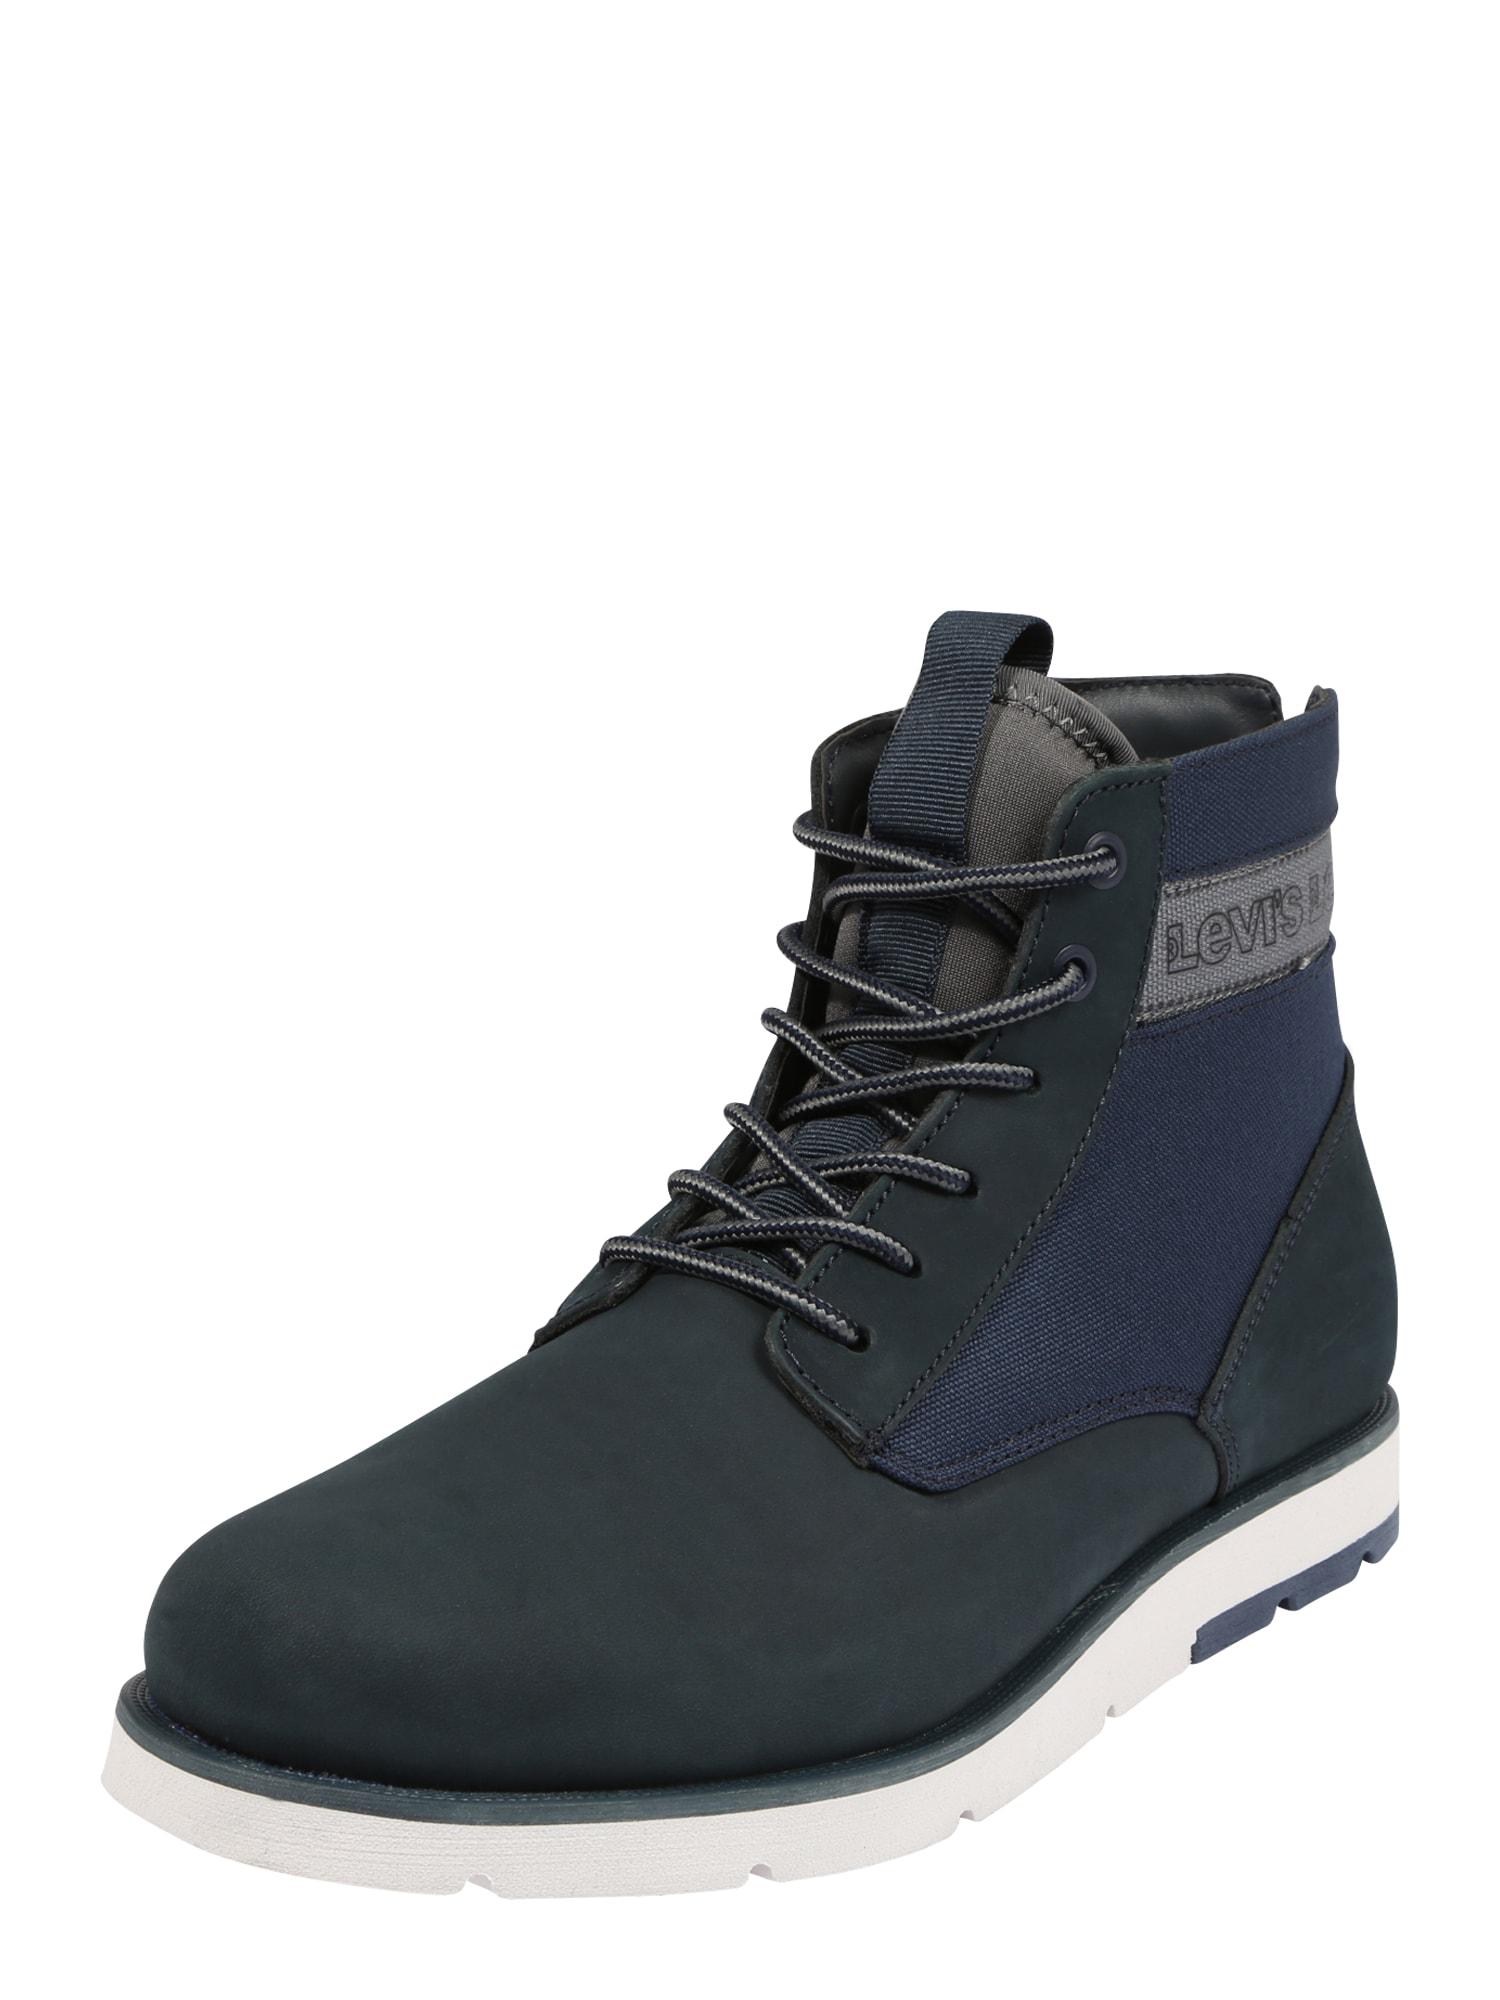 LEVI'S Šněrovací boty 'JAX XLITE'  bílá / námořnická modř / tmavě modrá